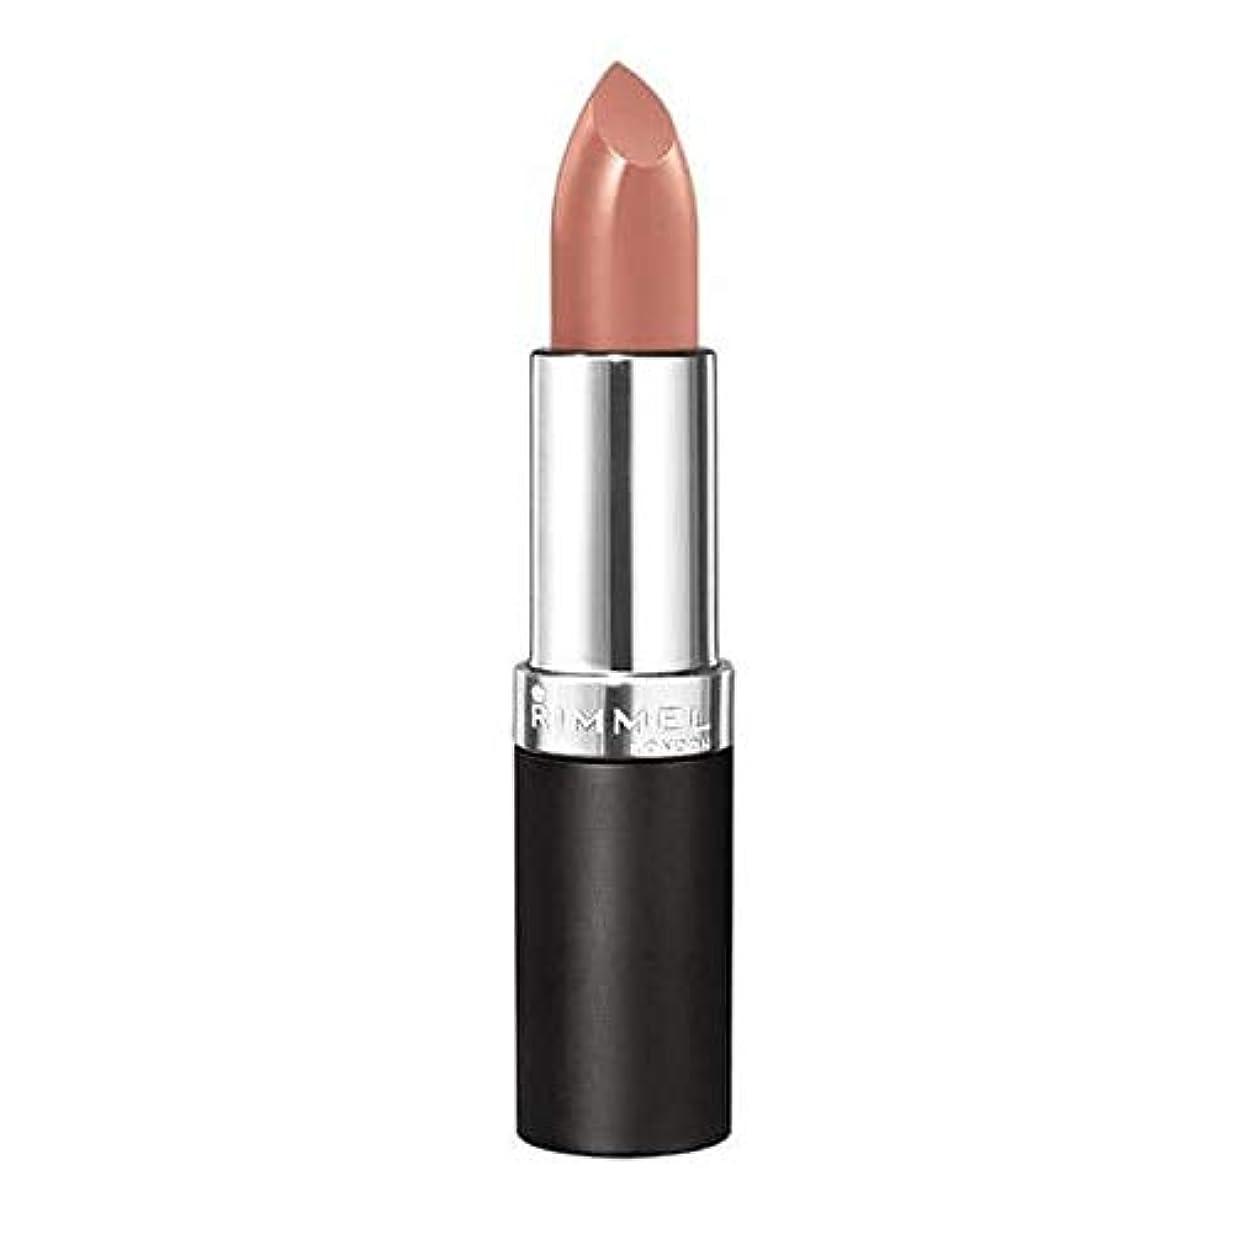 南アメリカ悪用めまいが[Rimmel ] 衣服を脱いだリンメル持続的な仕上がりのリップスティック - Rimmel Lasting Finish Lipstick Unclothed [並行輸入品]